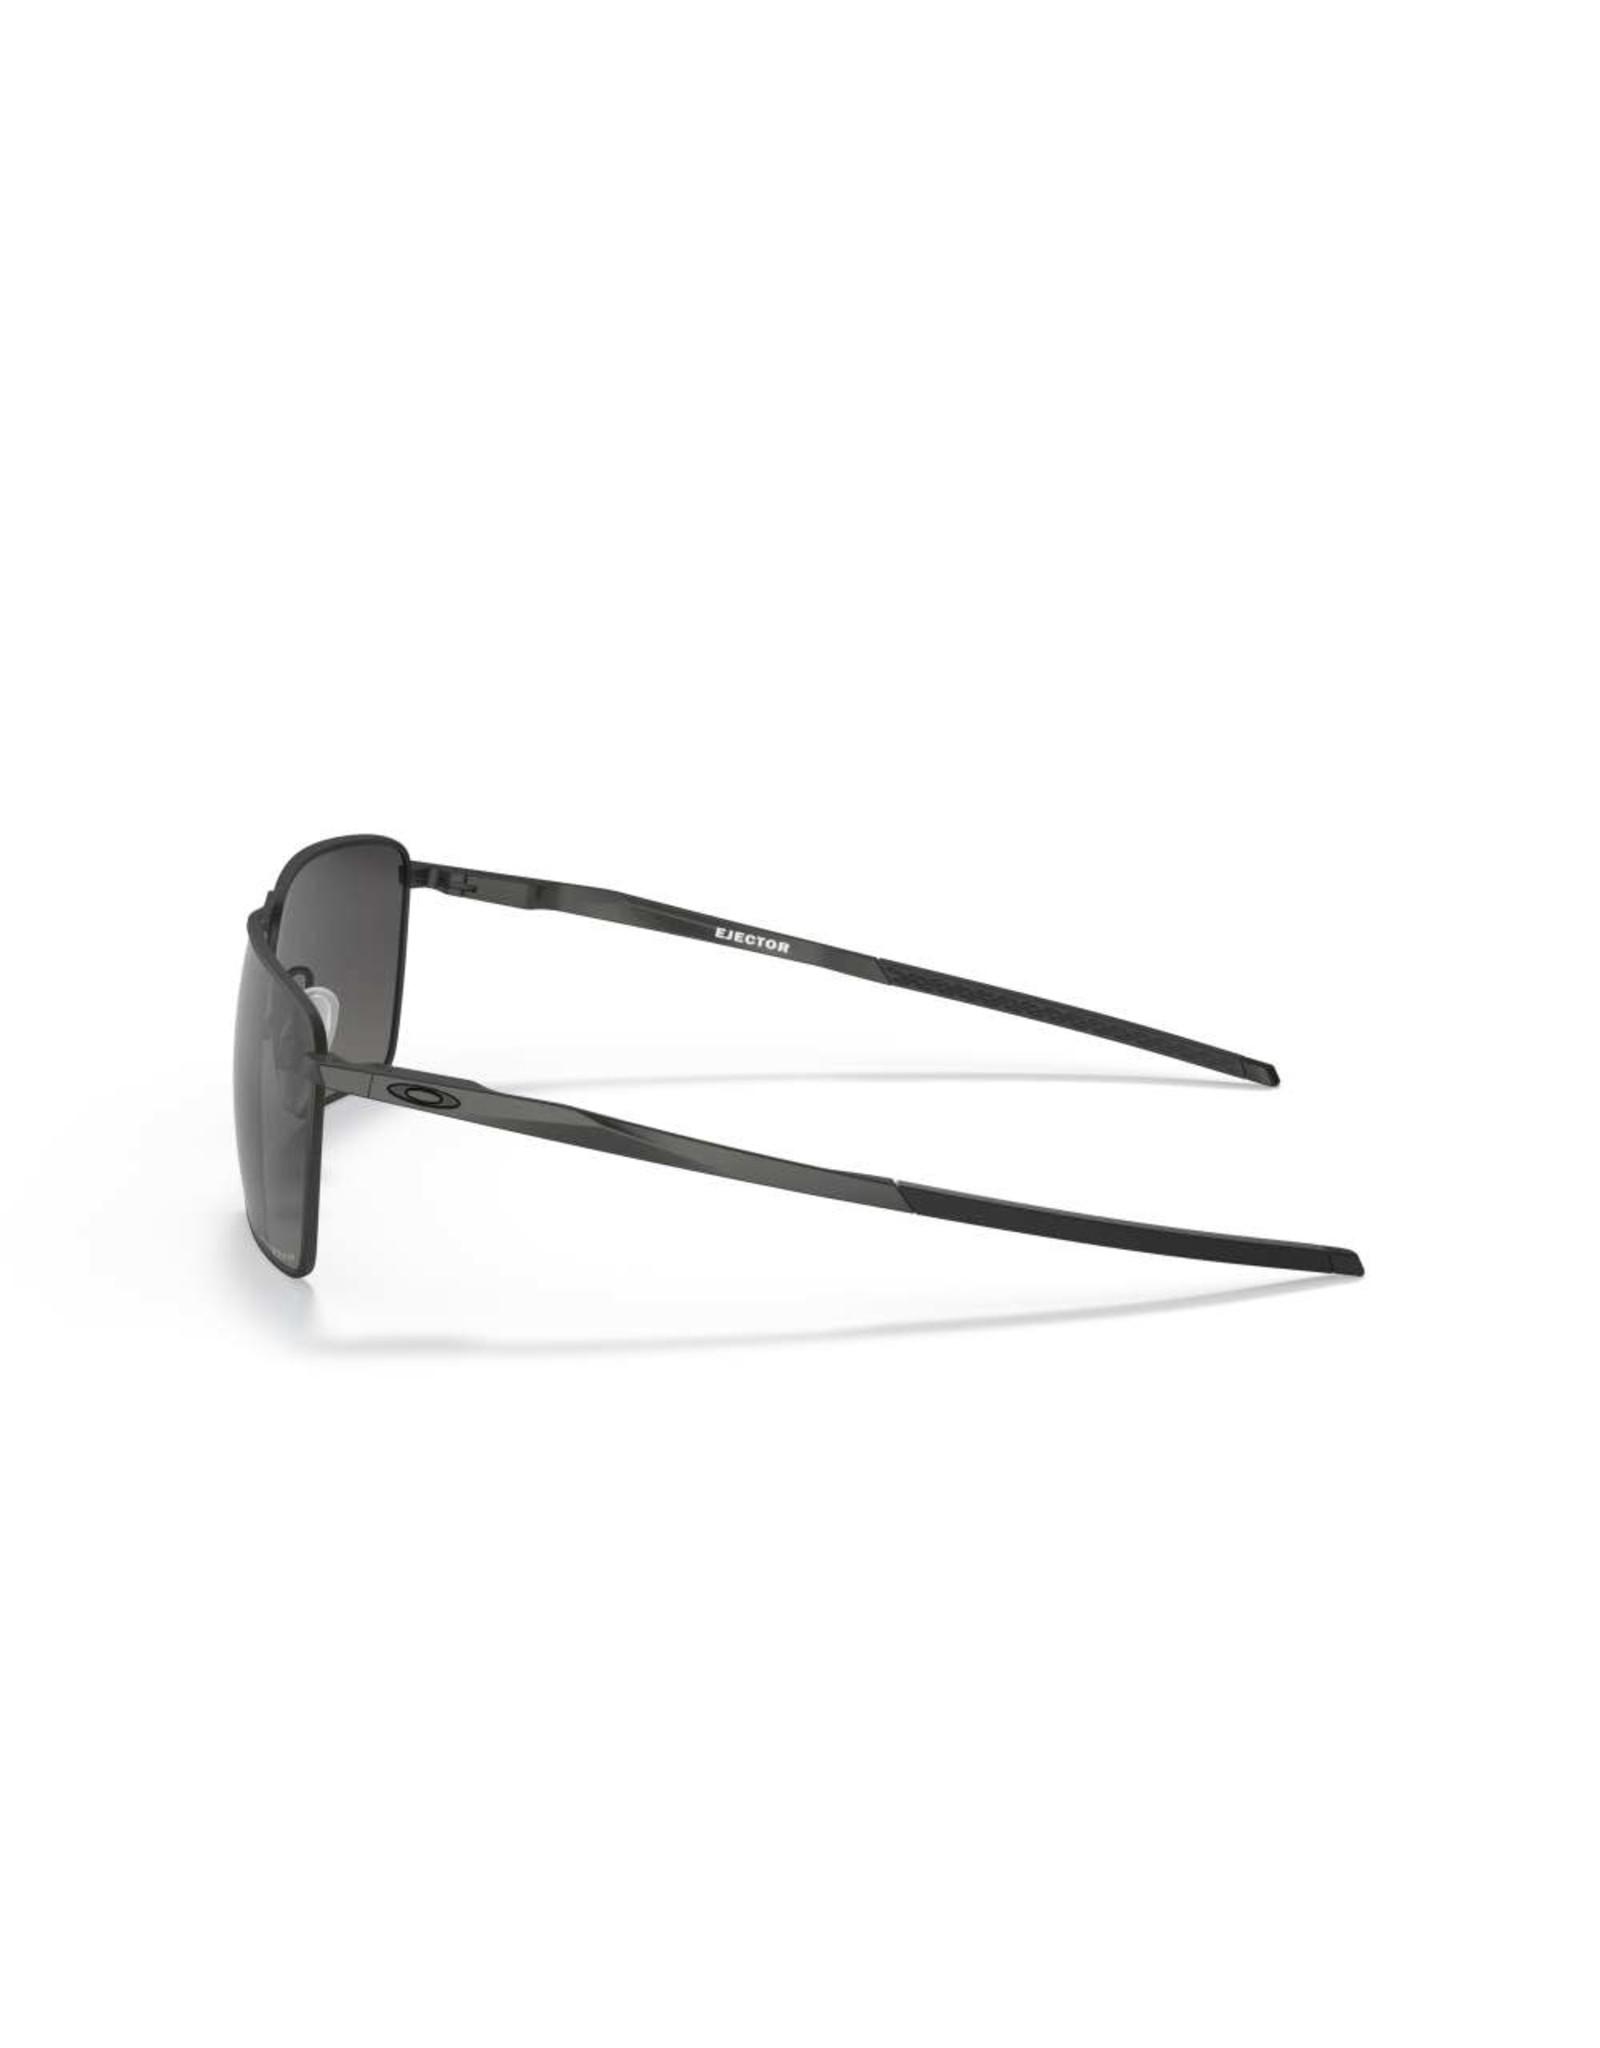 OAKLEY Oakley Ejector satin light steel w prizm grey gradient sunglasses